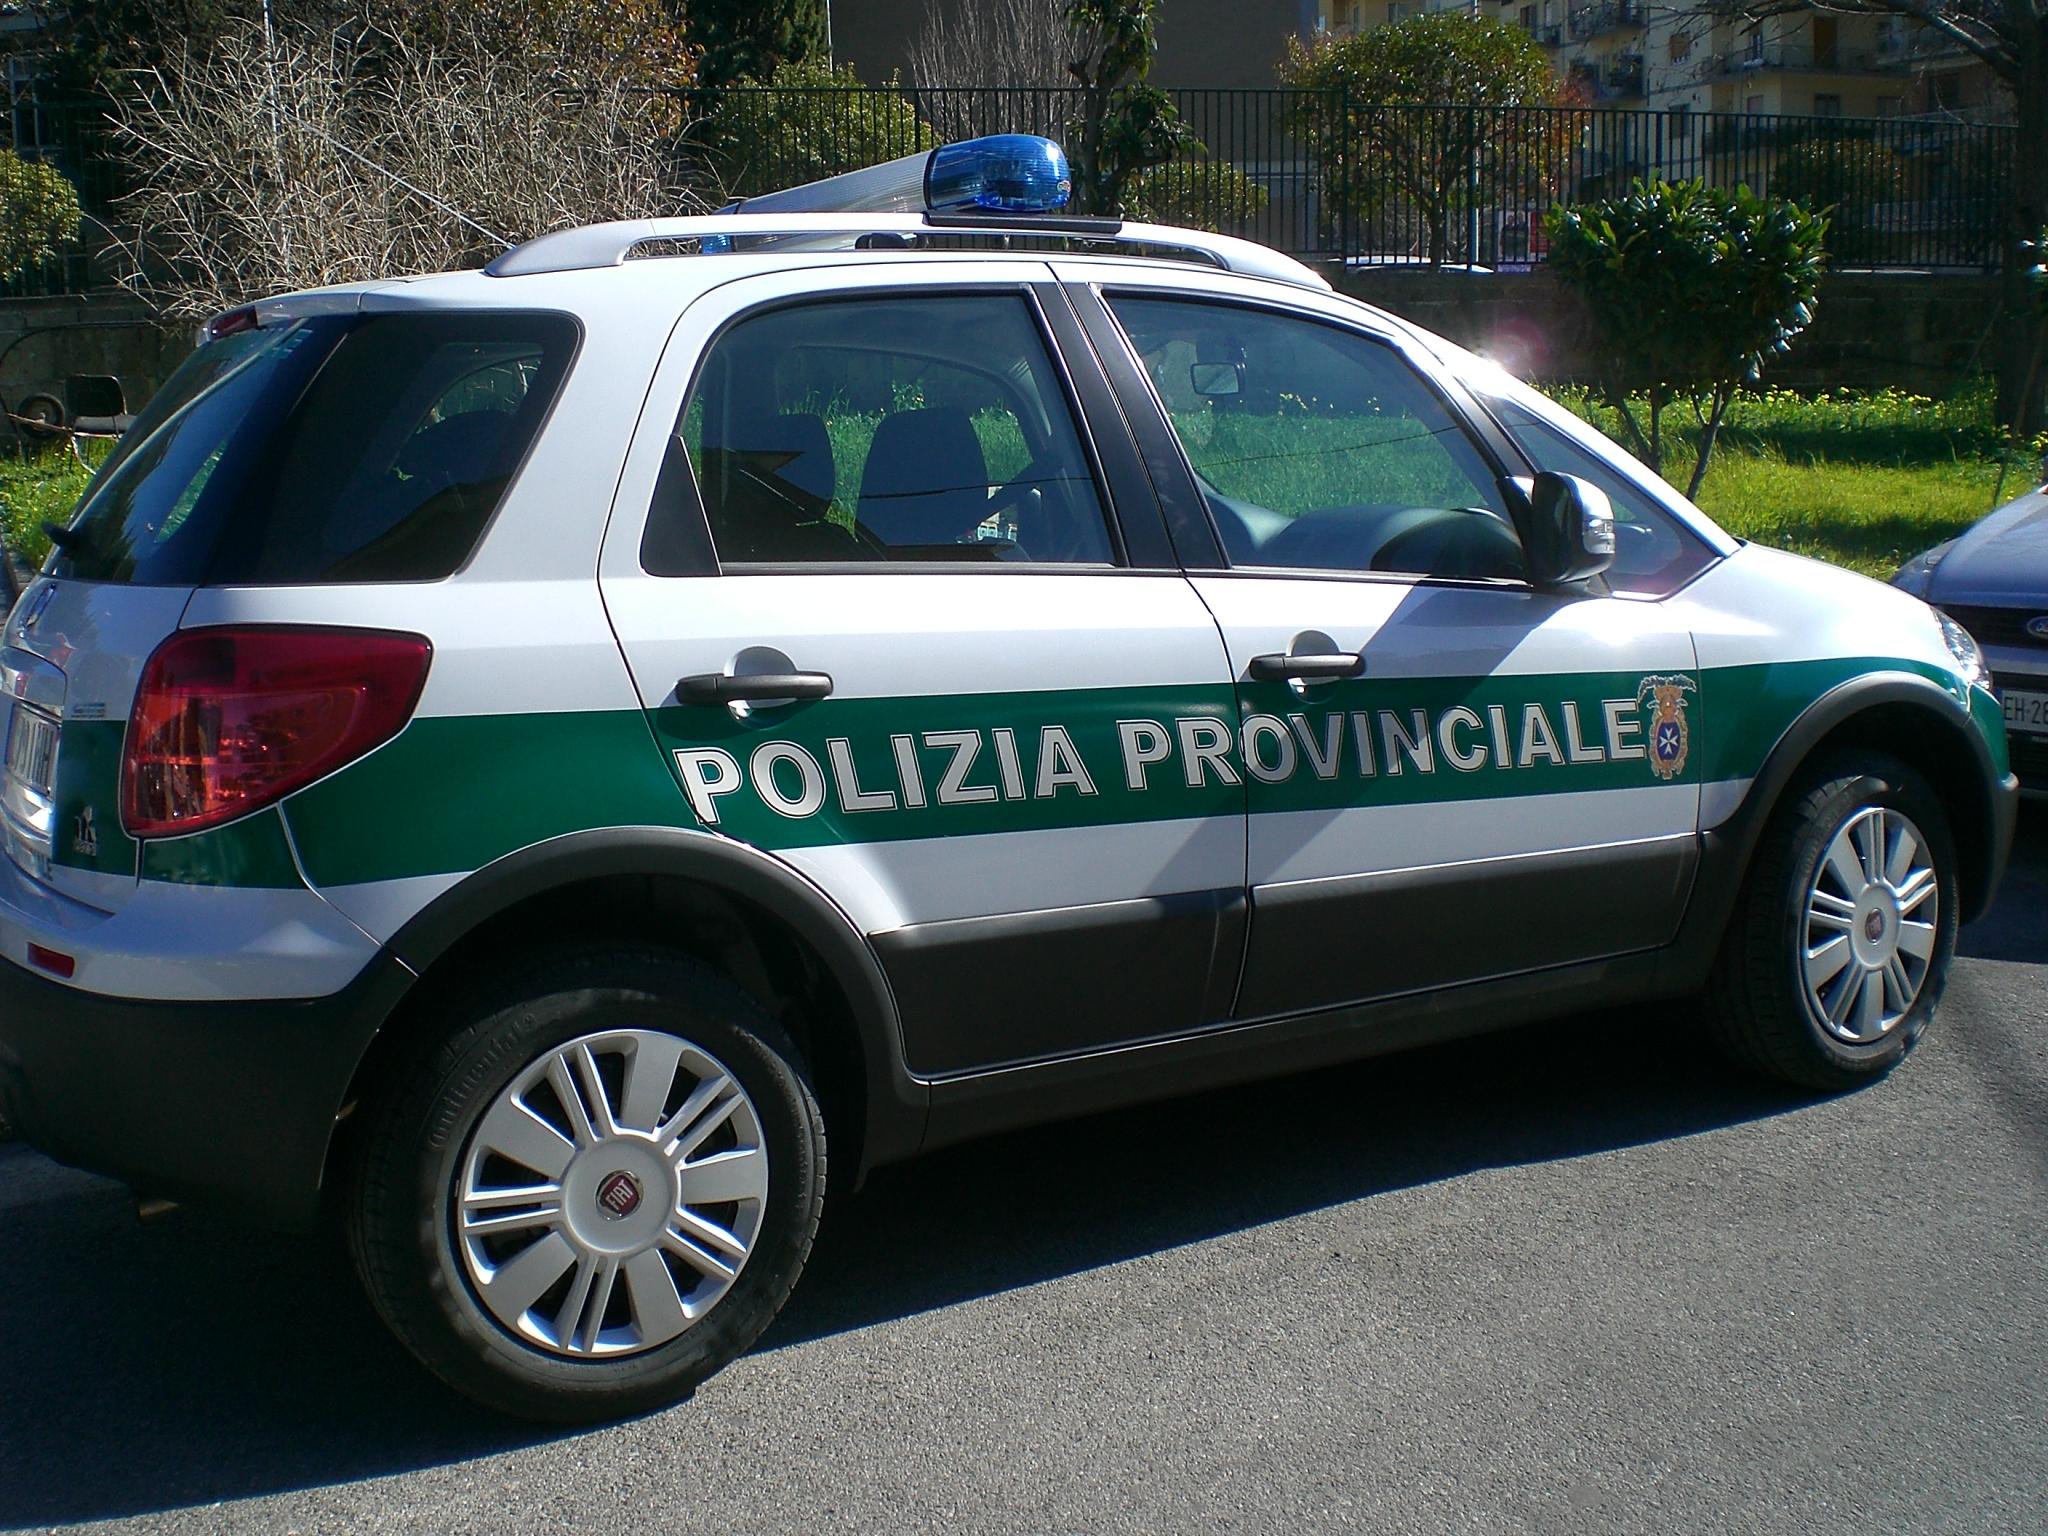 evacuate_scuole_per_allarme_bomba_a_milano_parco_nord_